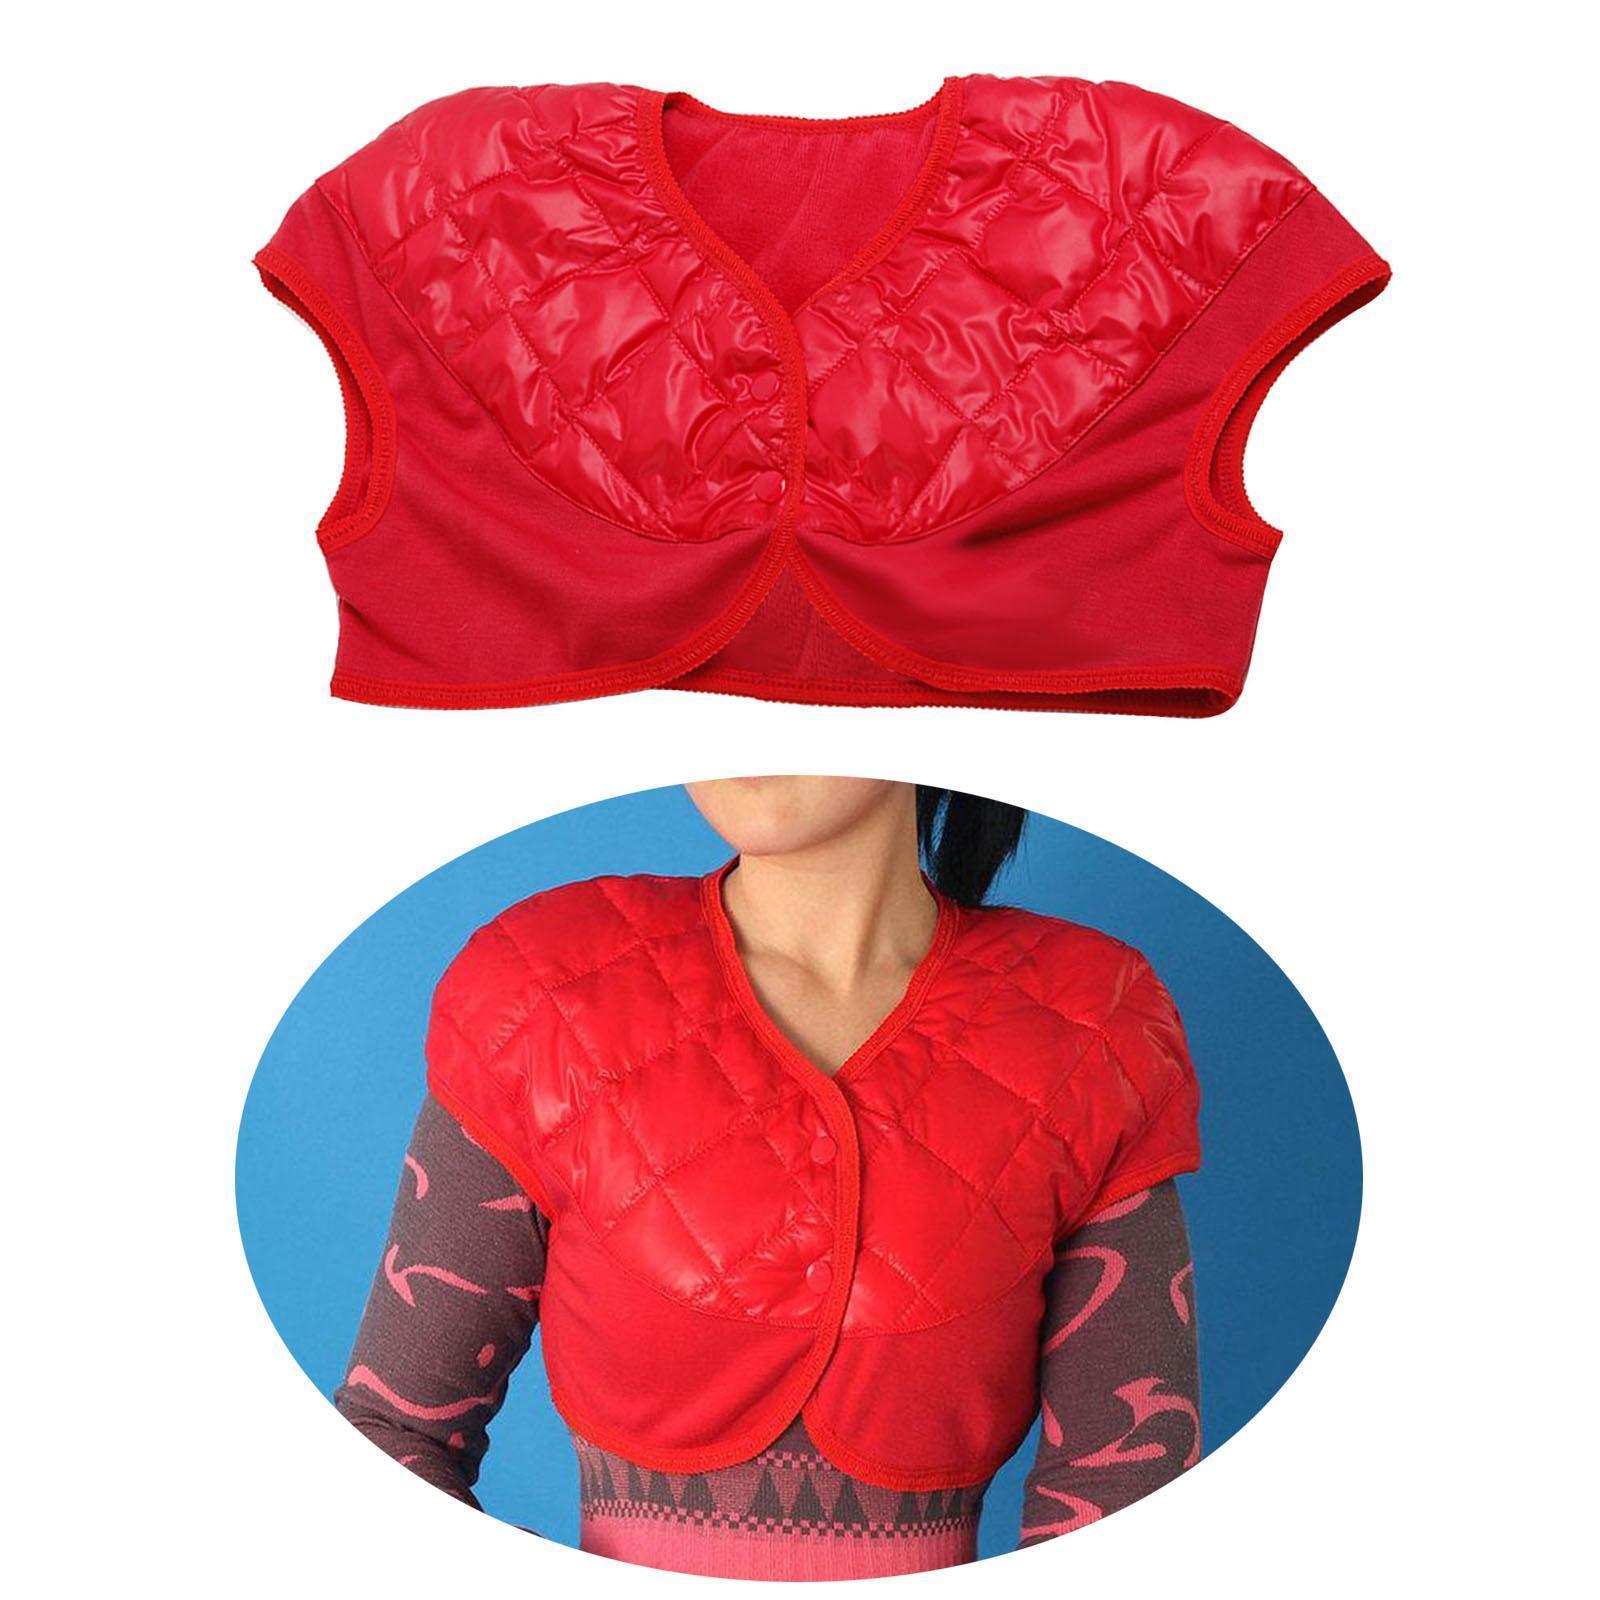 Femmes-Hommes-Down-Jacket-Chaud-Manteau-Court-Epaule-Chaud-Thermique-Wrap miniatura 4